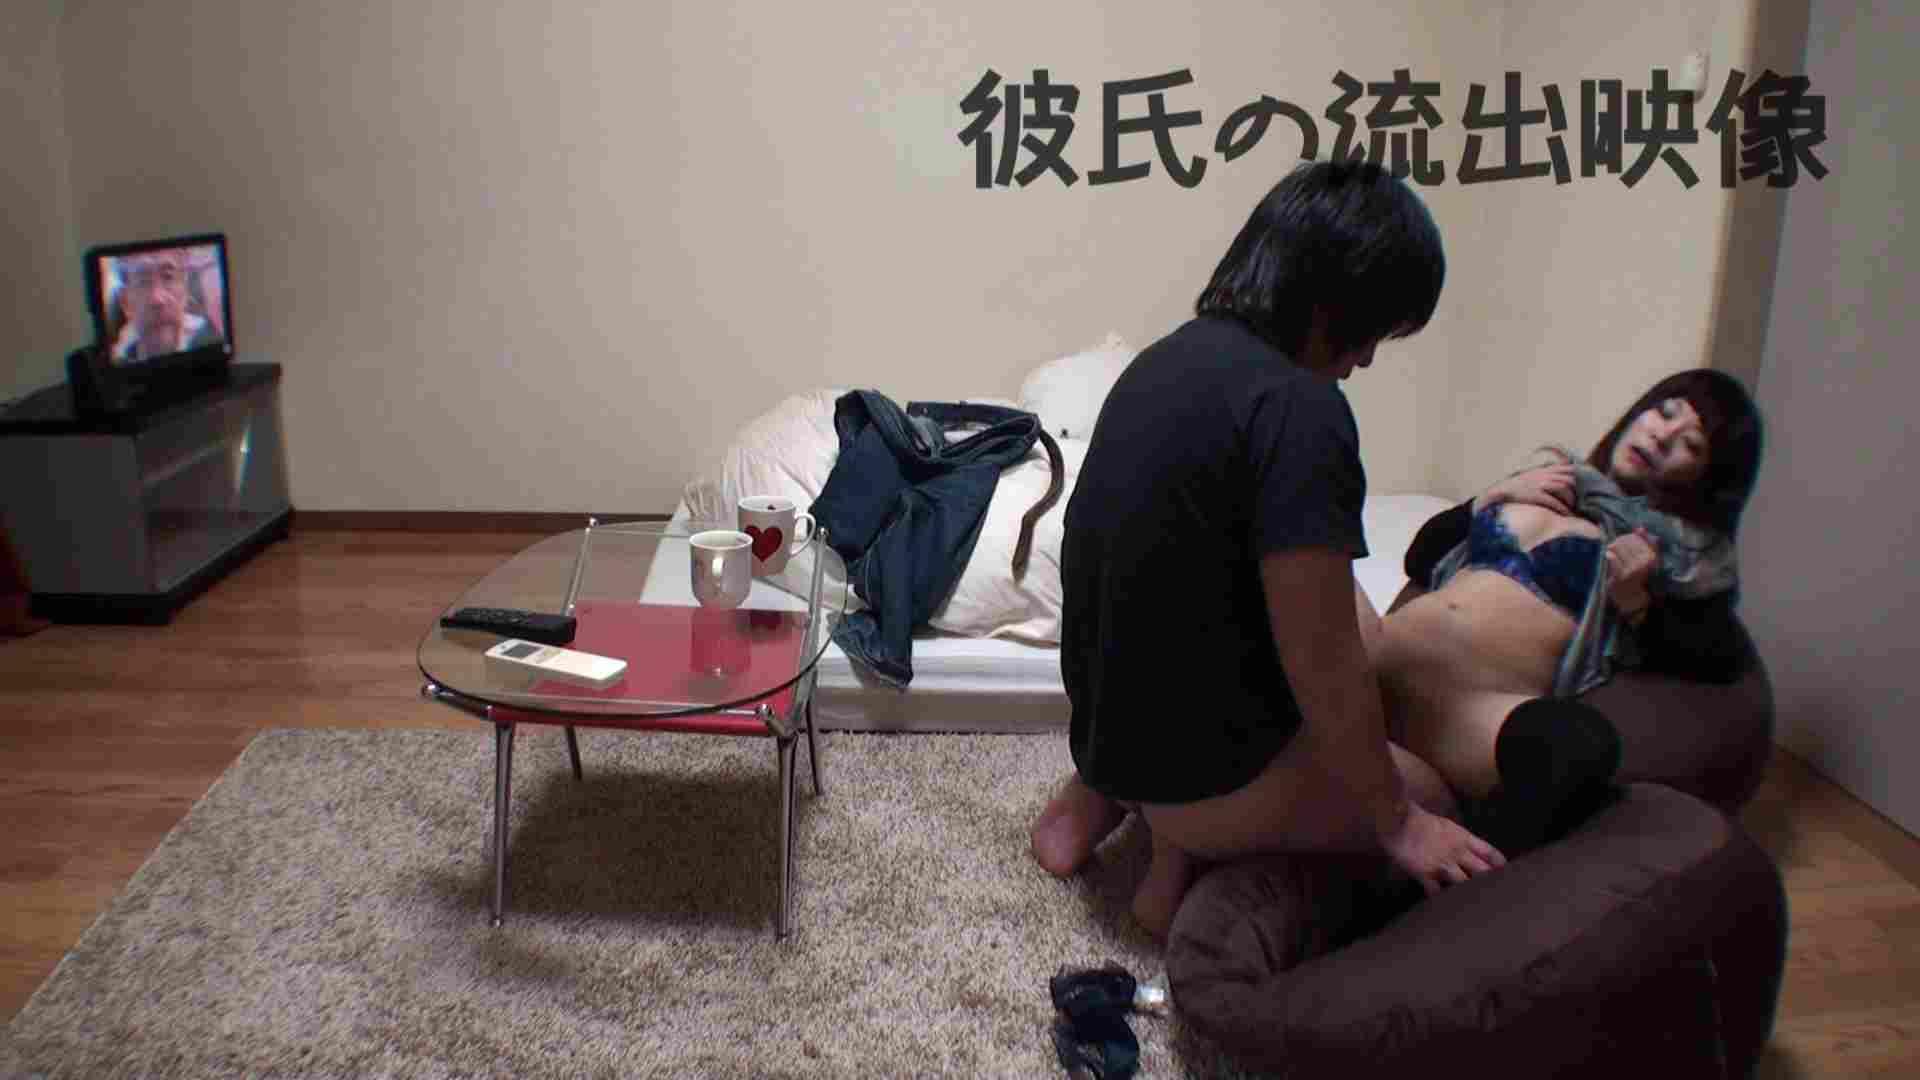 彼氏が流出 パイパン素人嬢のハメ撮り映像02 一般投稿 | ギャル達のSEX  61画像 25